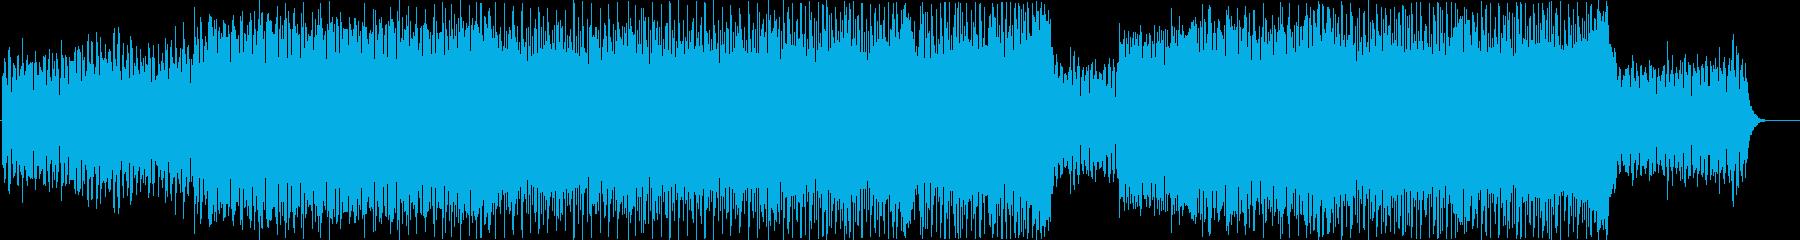 80年代風シンセウェーブ ヴォコーダー無の再生済みの波形